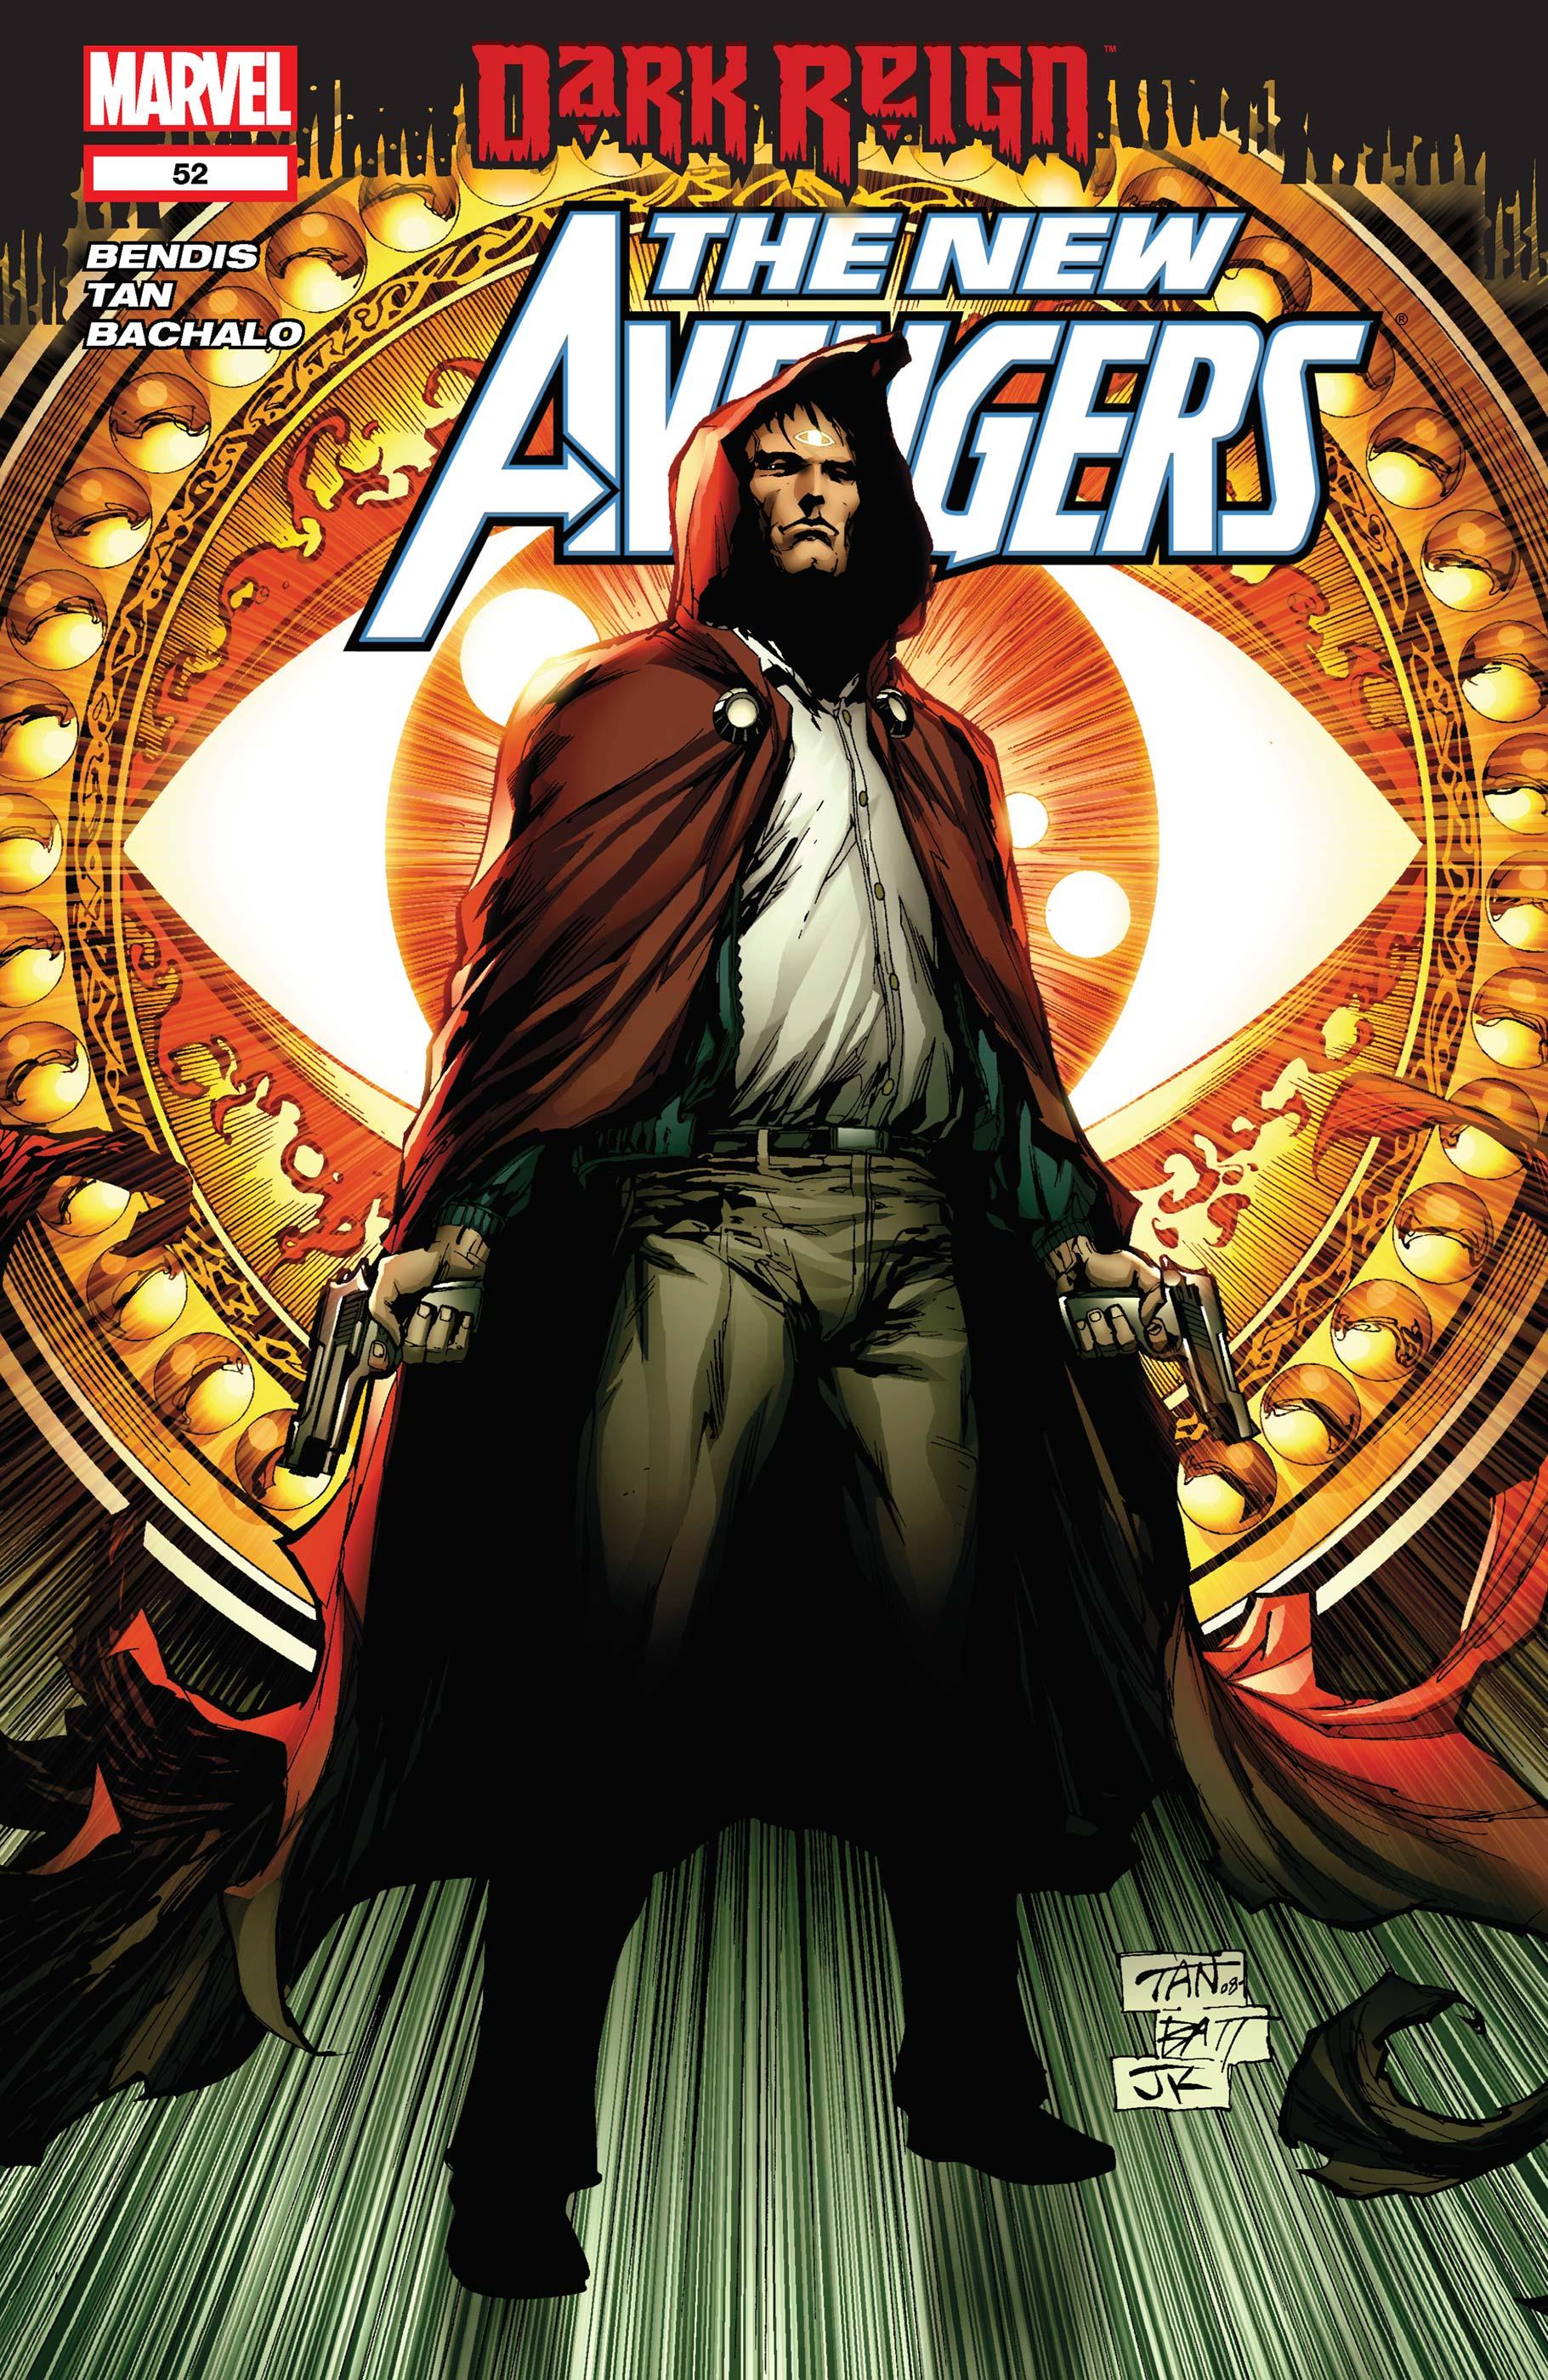 New Avengers (2004) #52